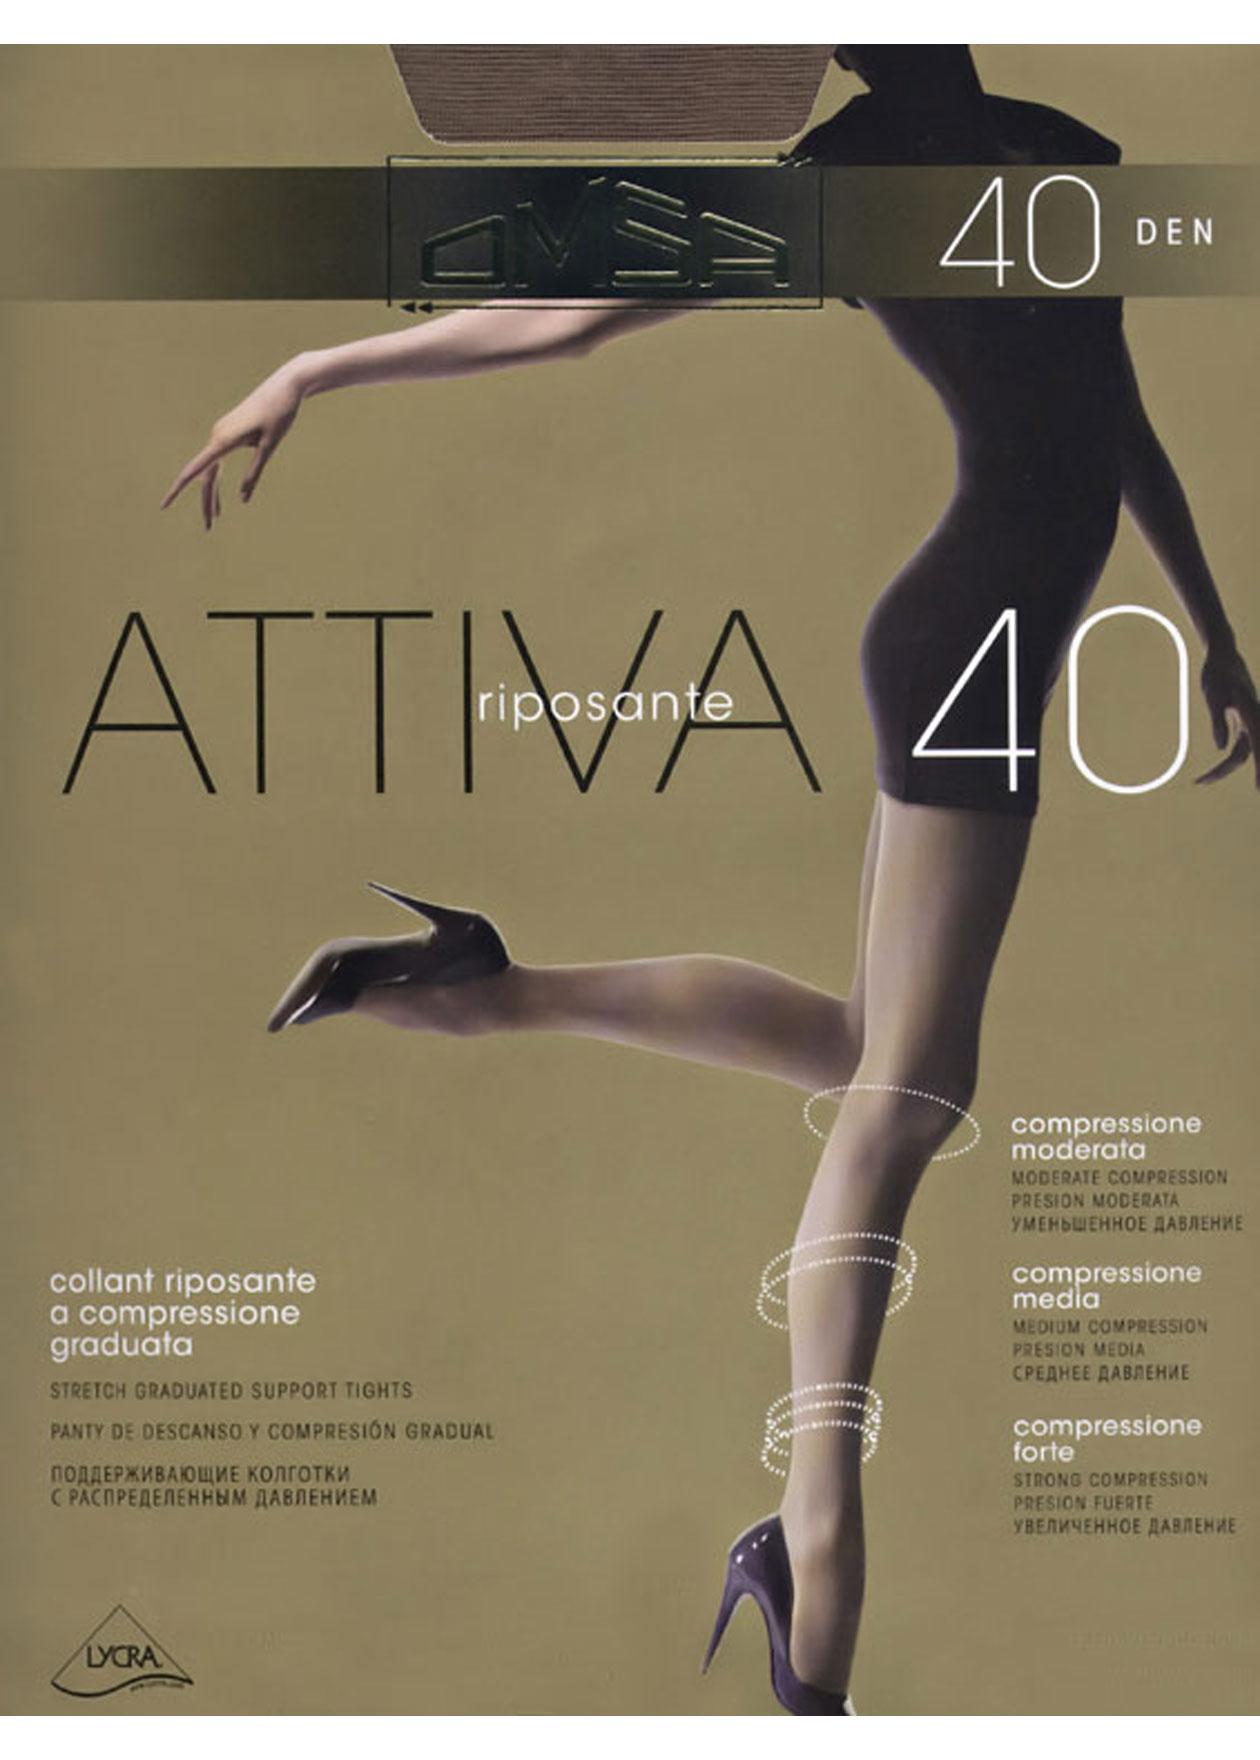 Omsa Attiva Riposante 40